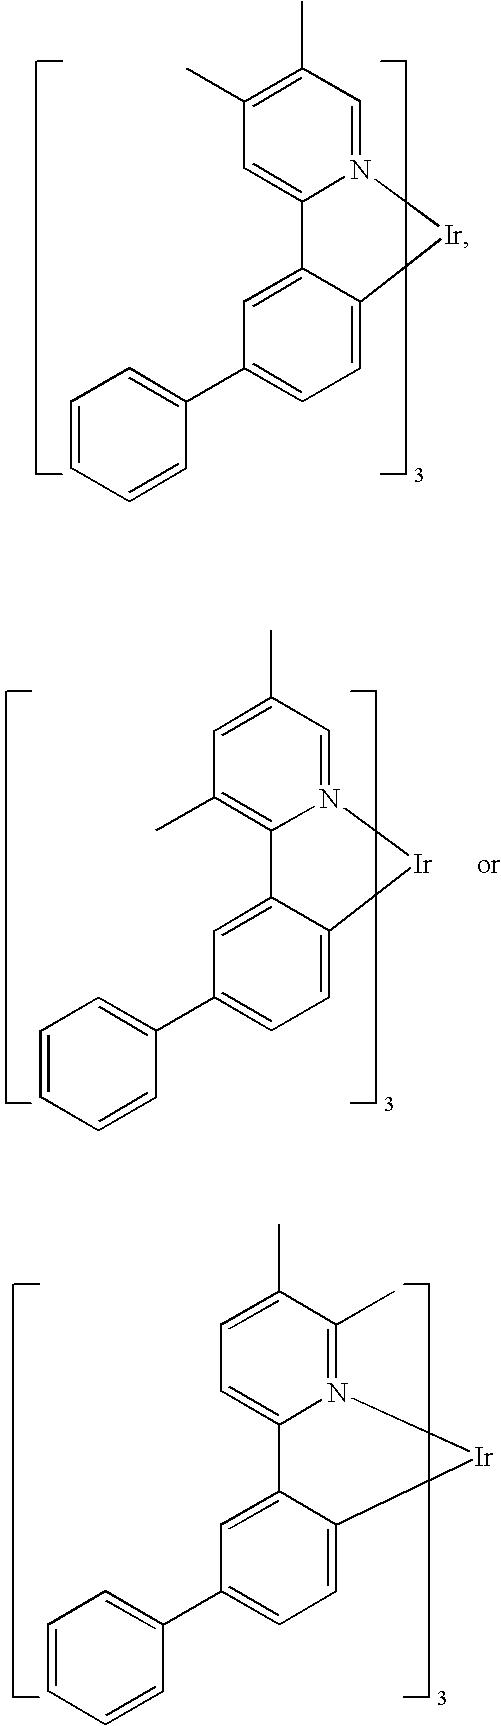 Figure US20070003789A1-20070104-C00047